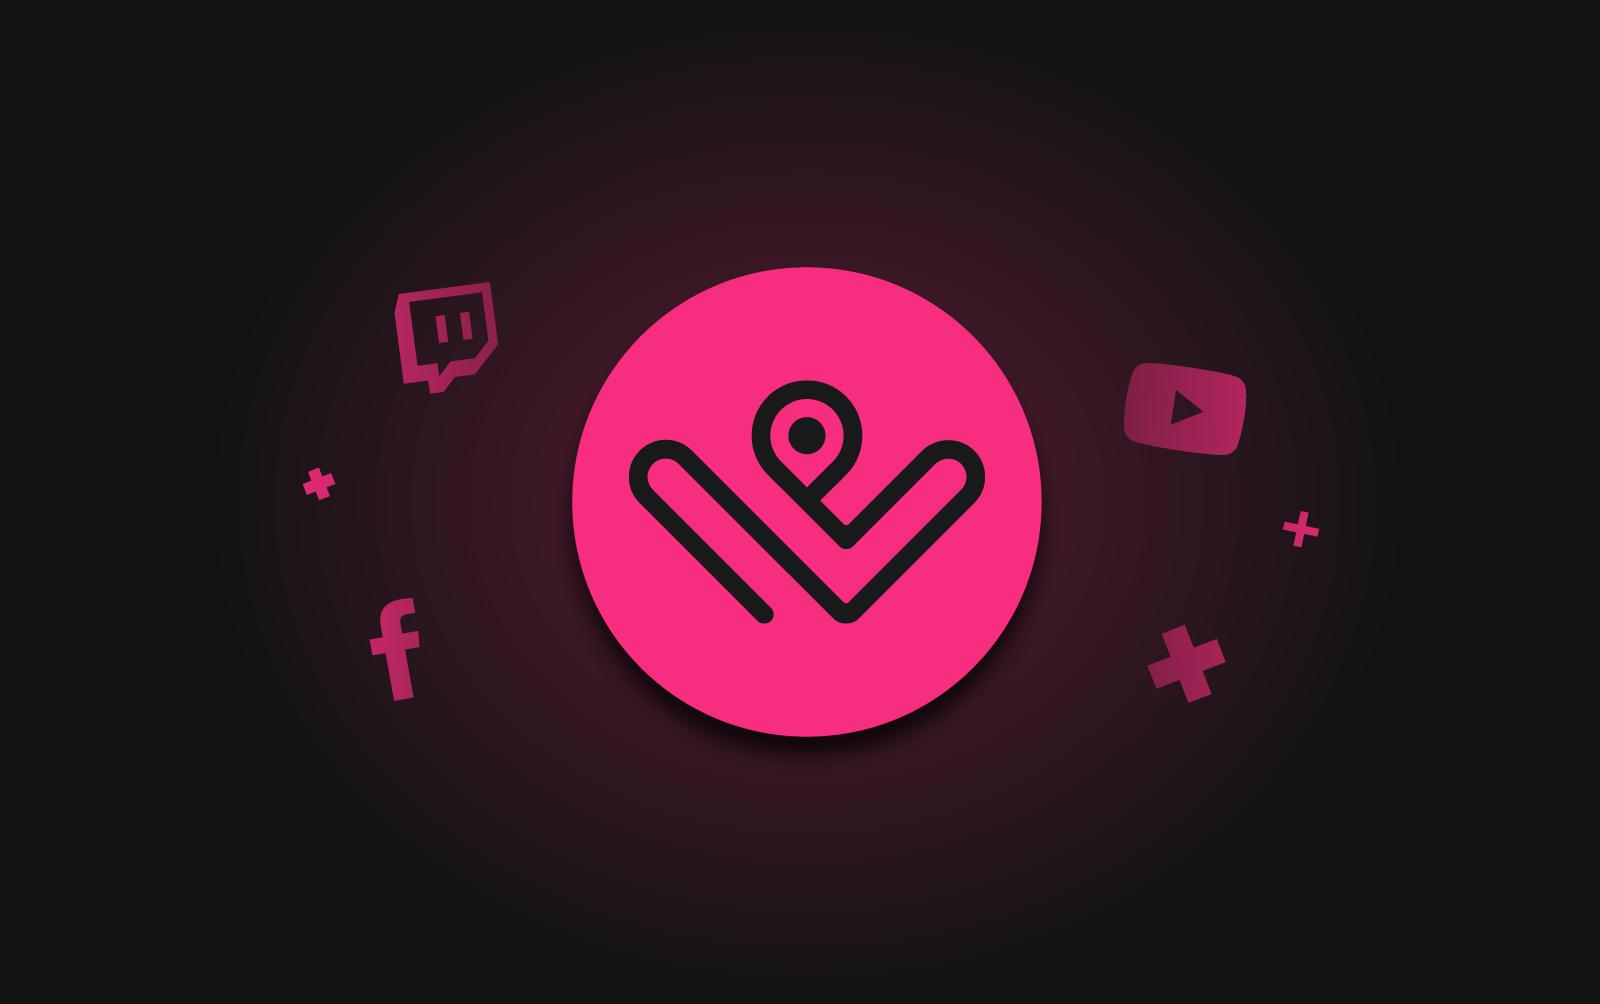 Glowing Webblen logo